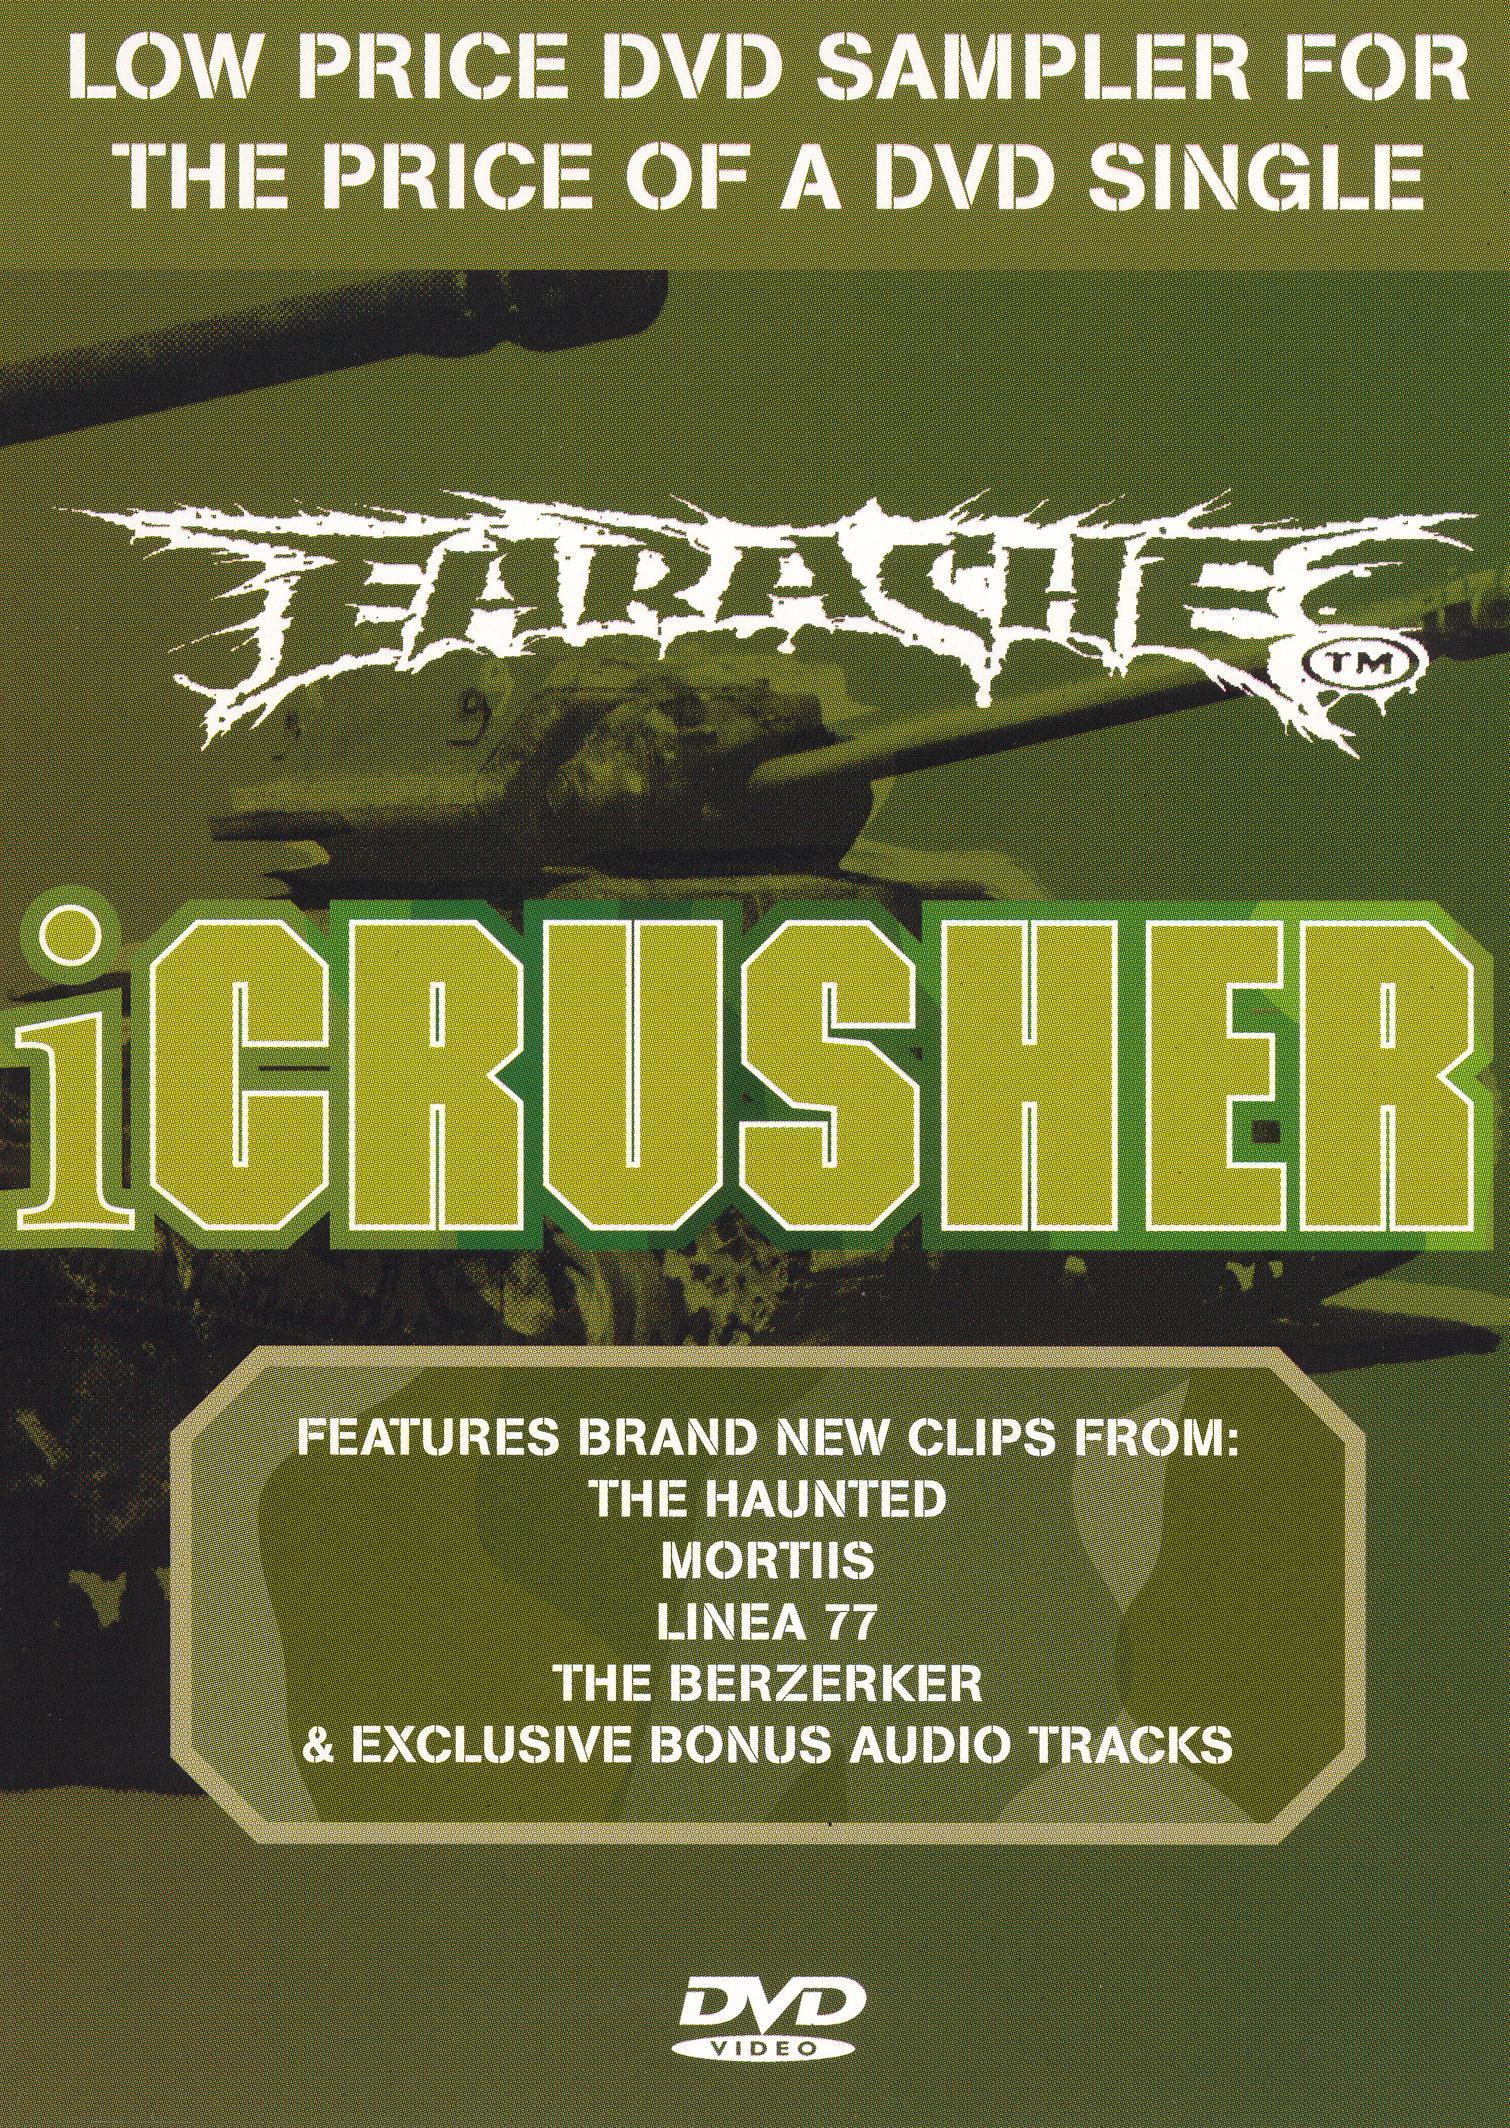 iCrusher